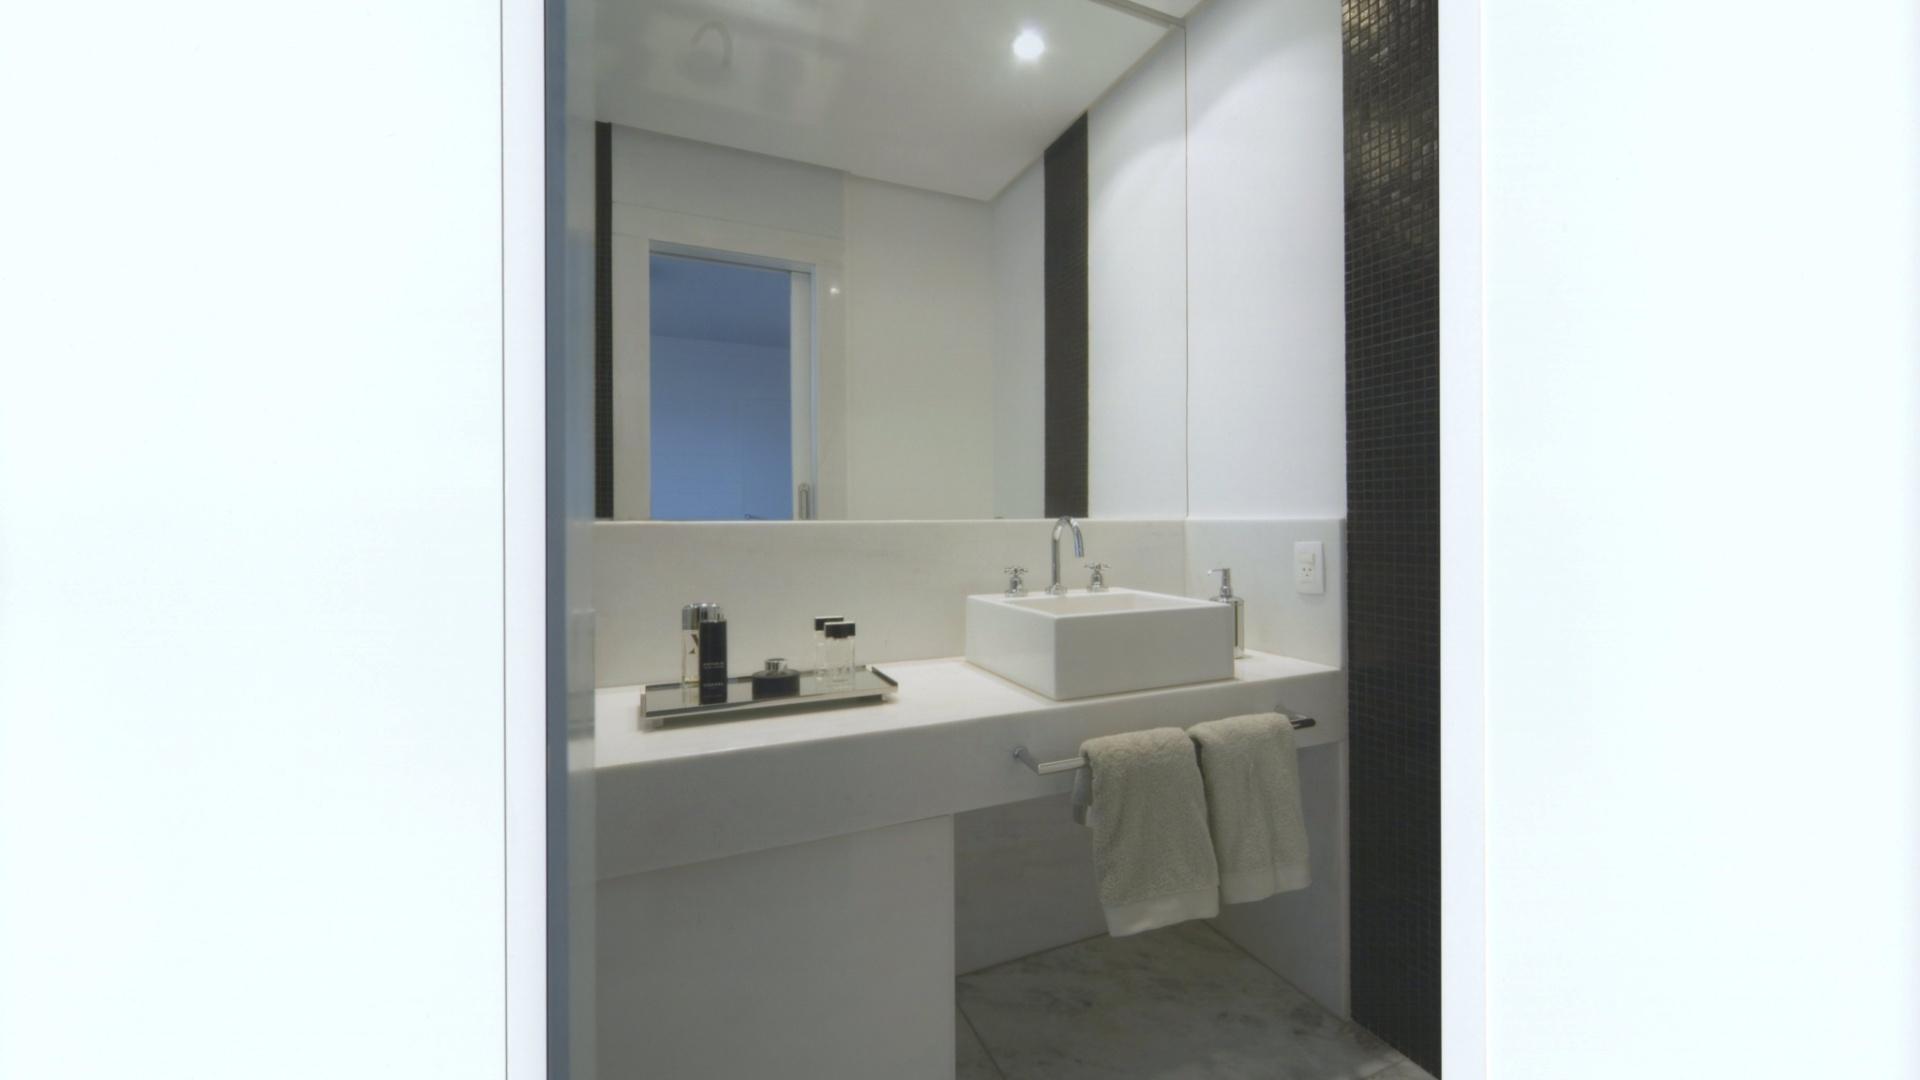 para levar amplitude ao banheiro de 430 m que 1353626962695 1920x1080 #3E858D 1920x1080 Azulejo Para Banheiro